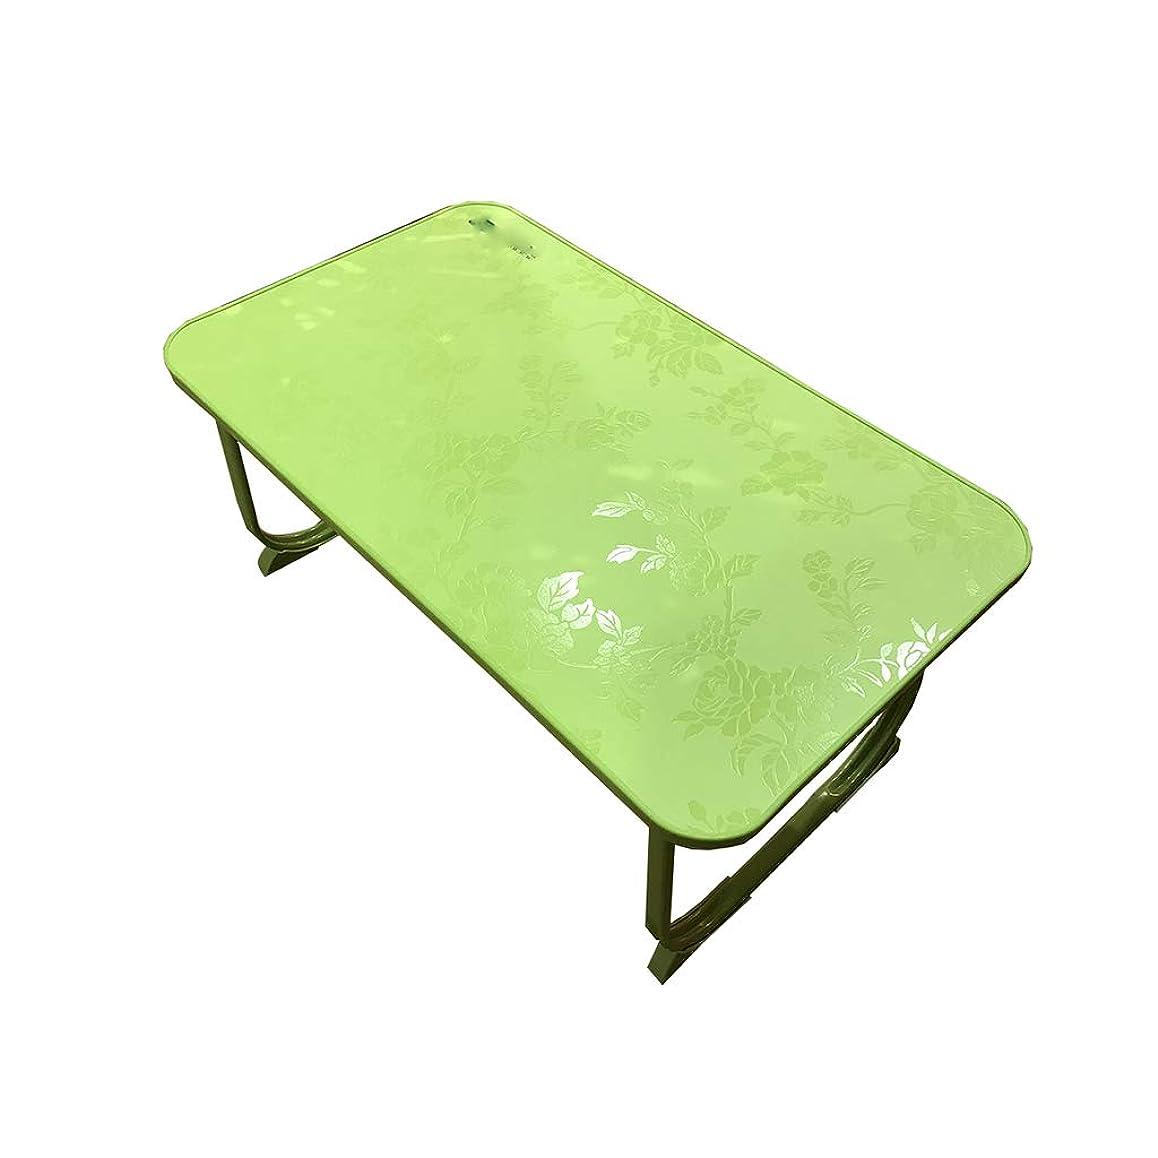 リファイン引数石炭SZQ ベッド付きの小さなデスク、折りたたみ式の学生デスク児童室用書斎デスク 適用済み (色 : Green, サイズ さいず : 58*34*27cm)